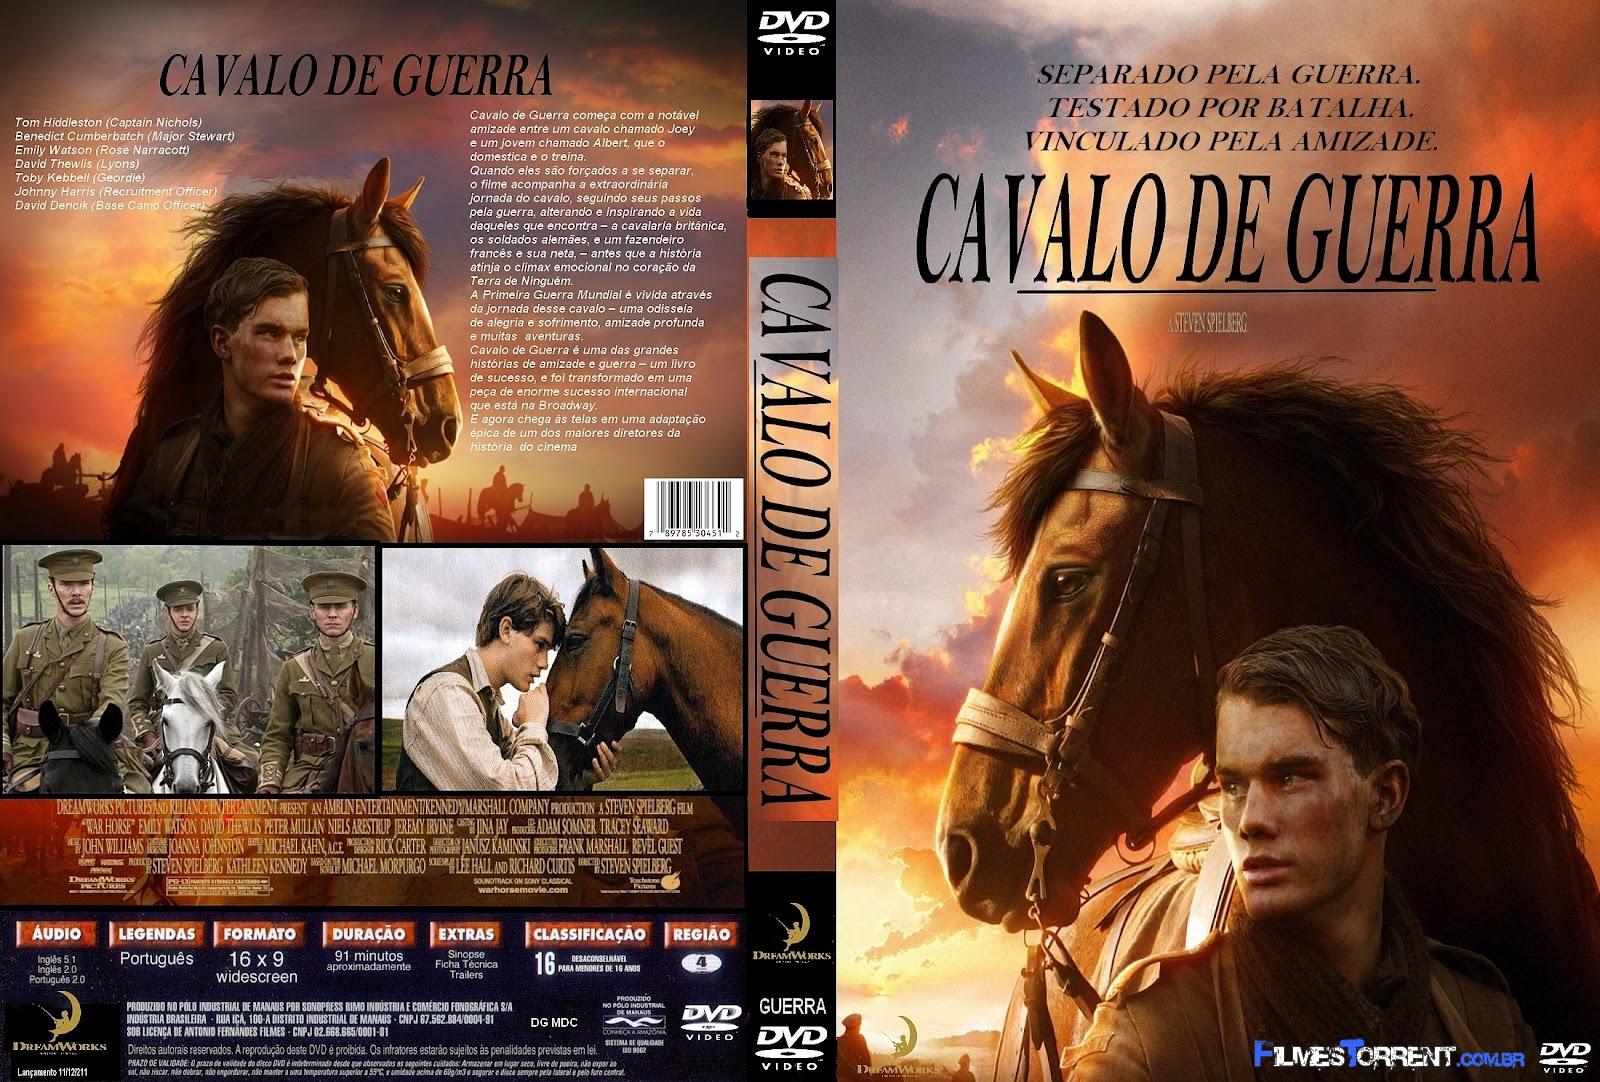 Cavalo de Guerra (War Horse) (2012) BD-Rip Dual Áudio ...